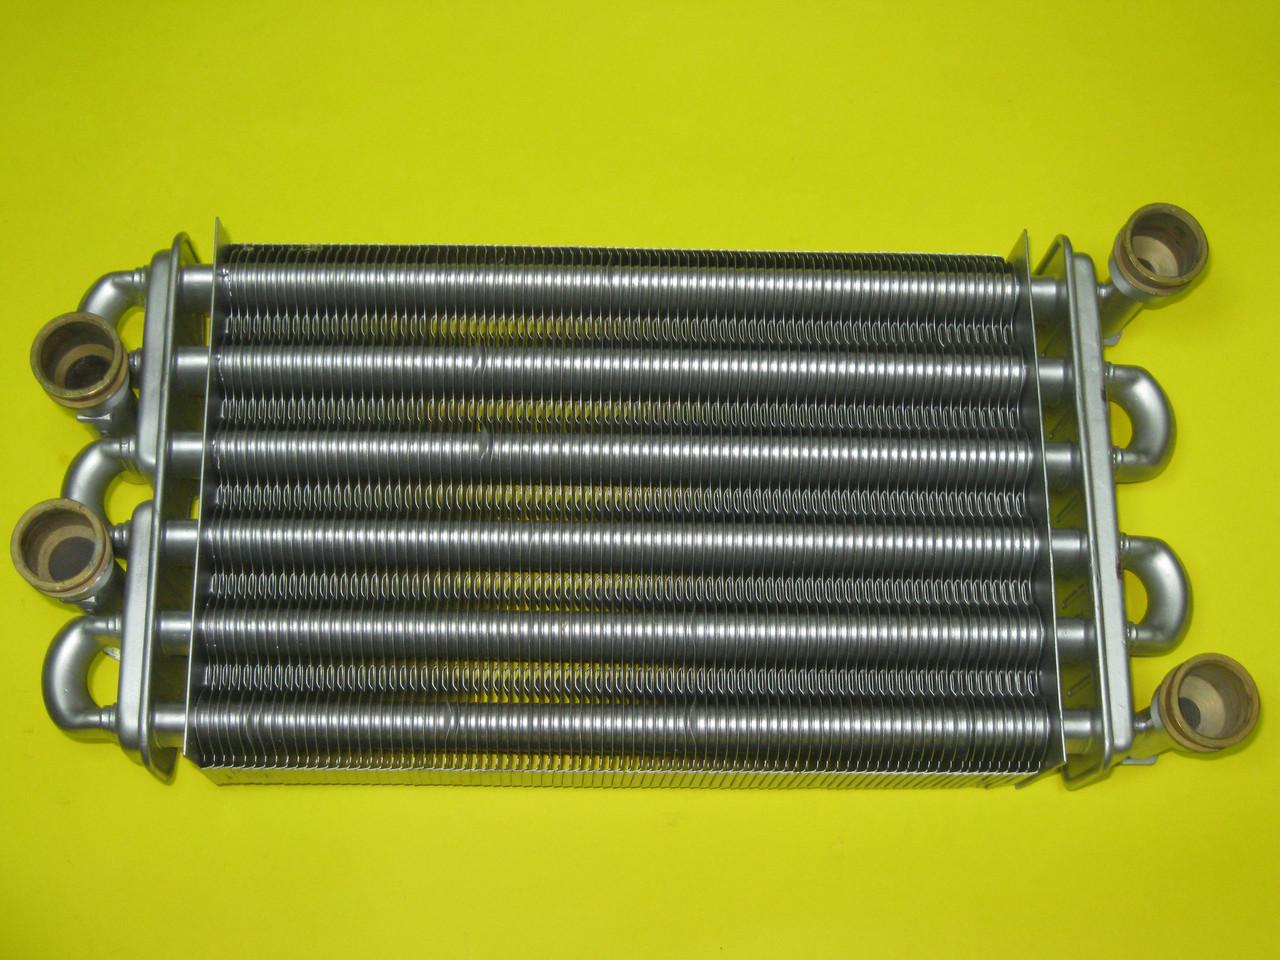 Теплообменник хабитат 2 купить Кожухотрубный испаритель WTK TFE 1080 Шадринск